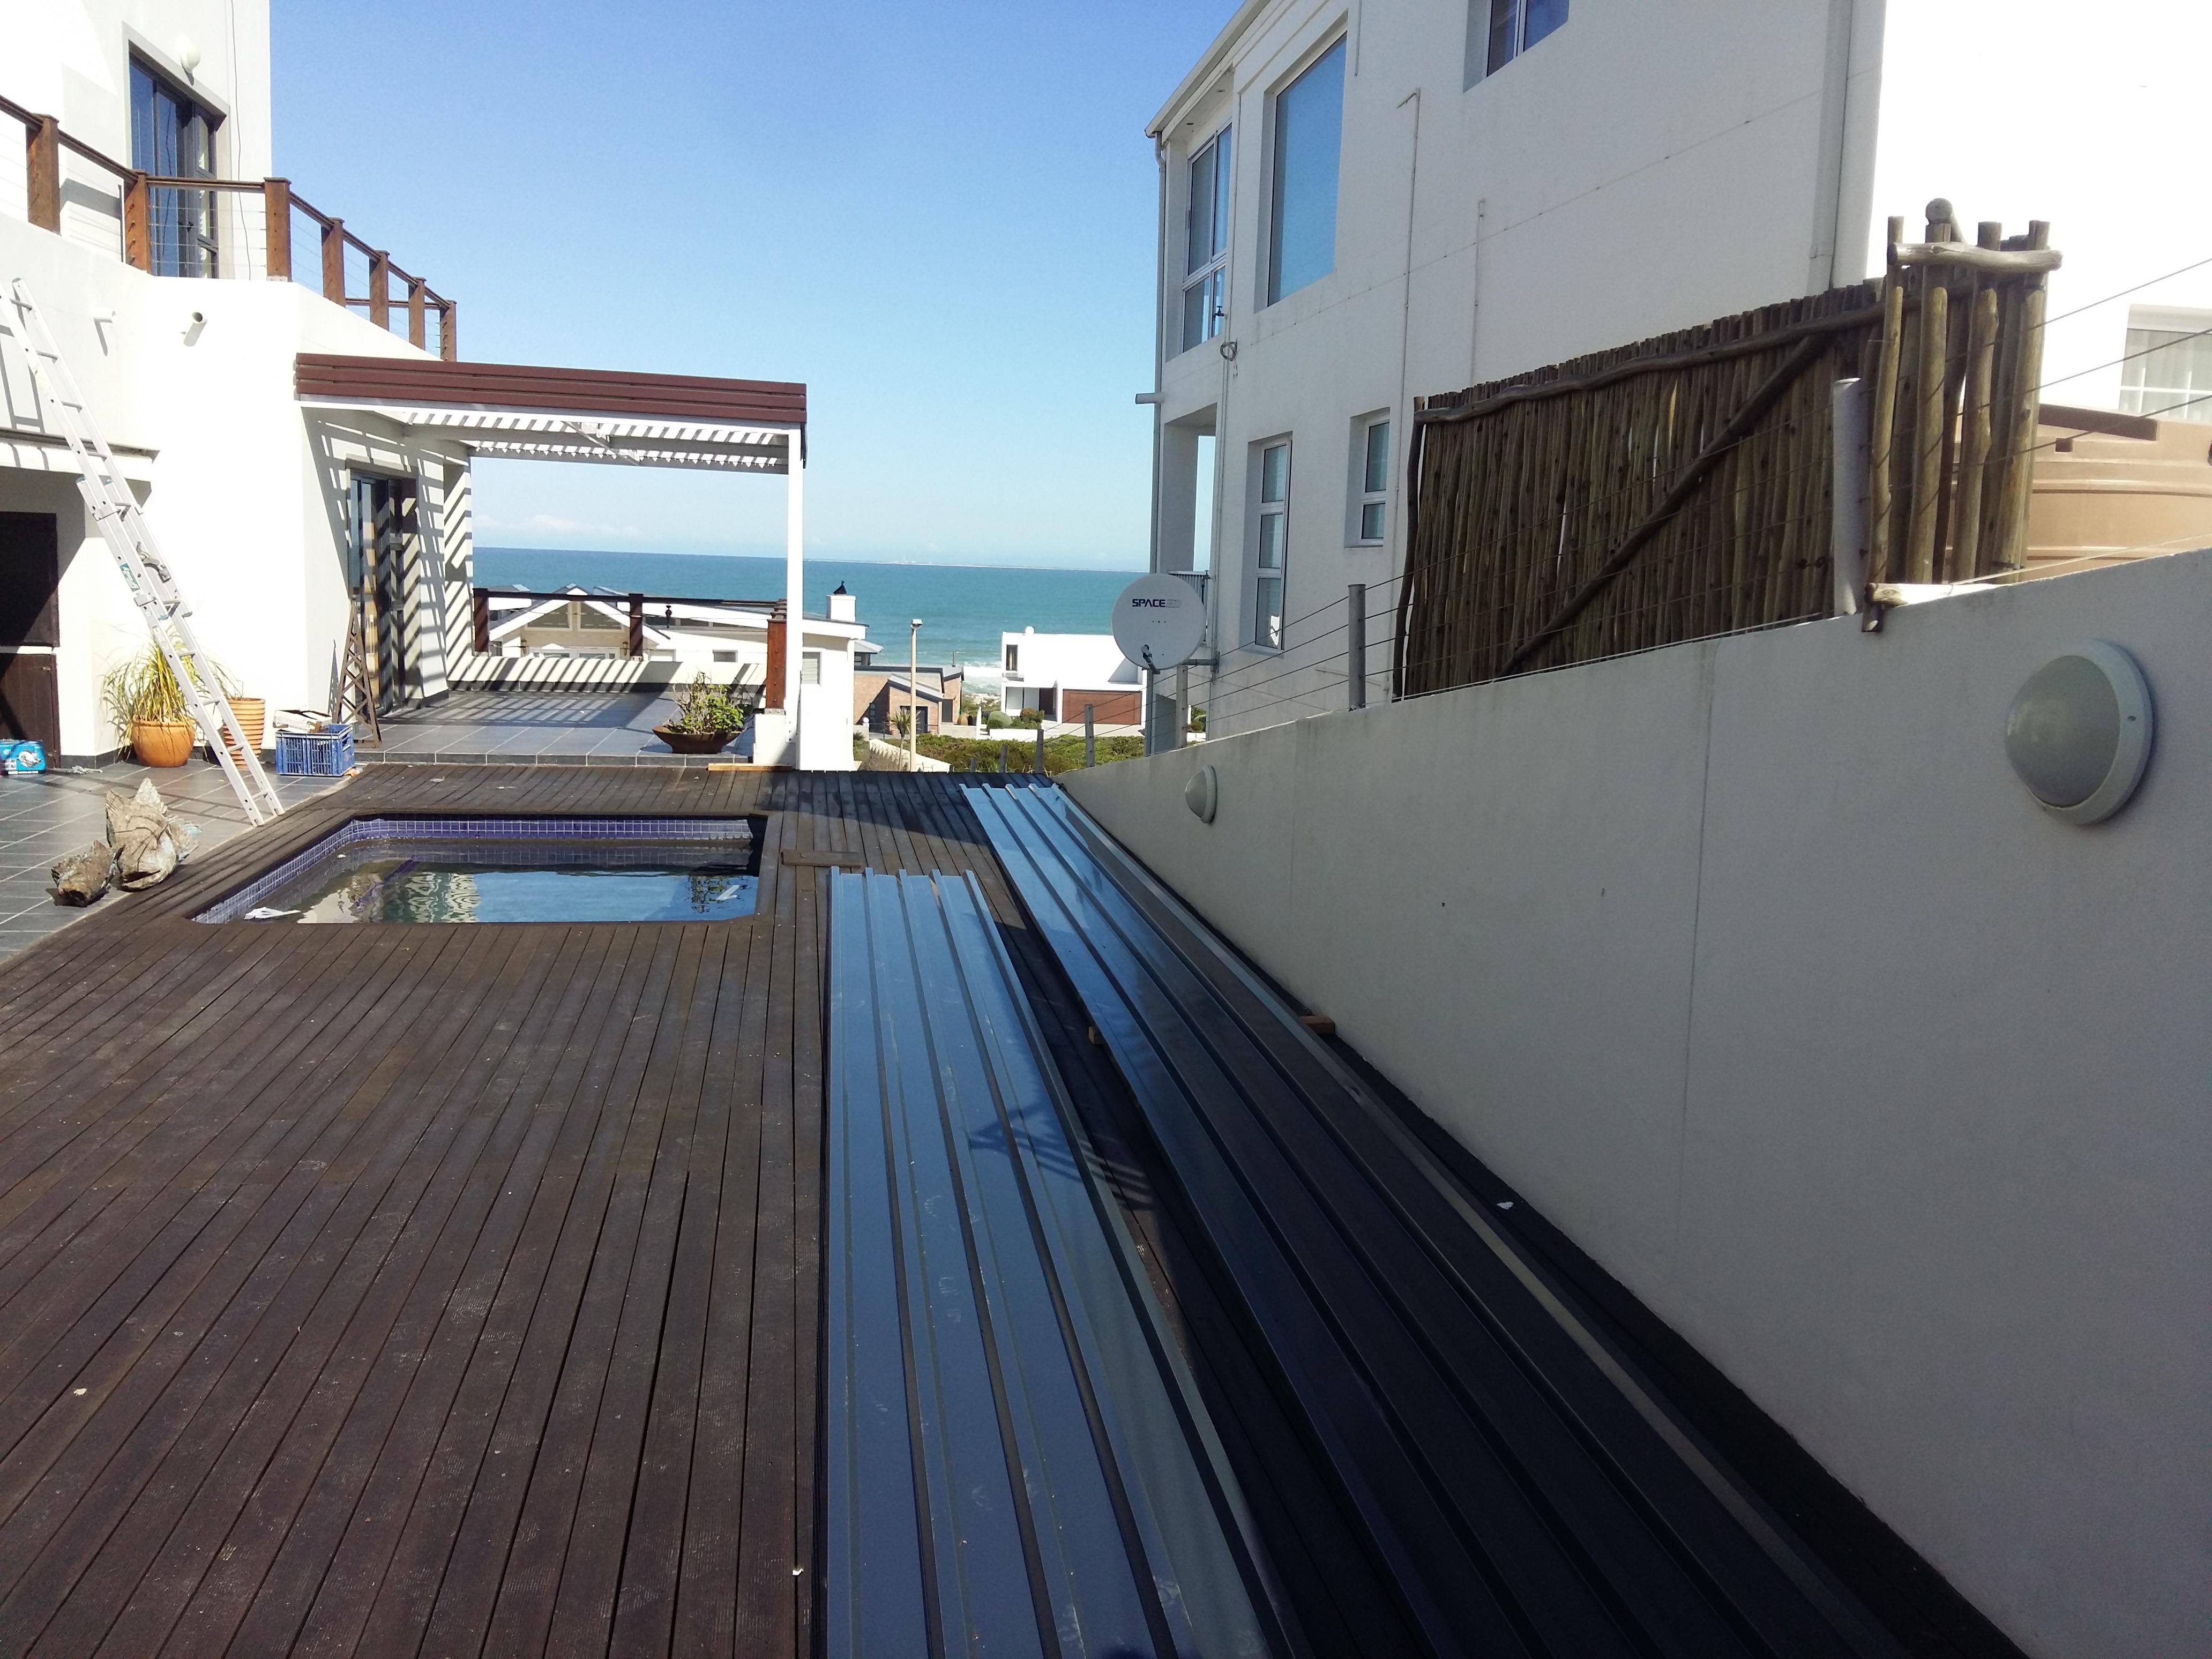 20170817 121943 - Coastal Roofing AZ 200